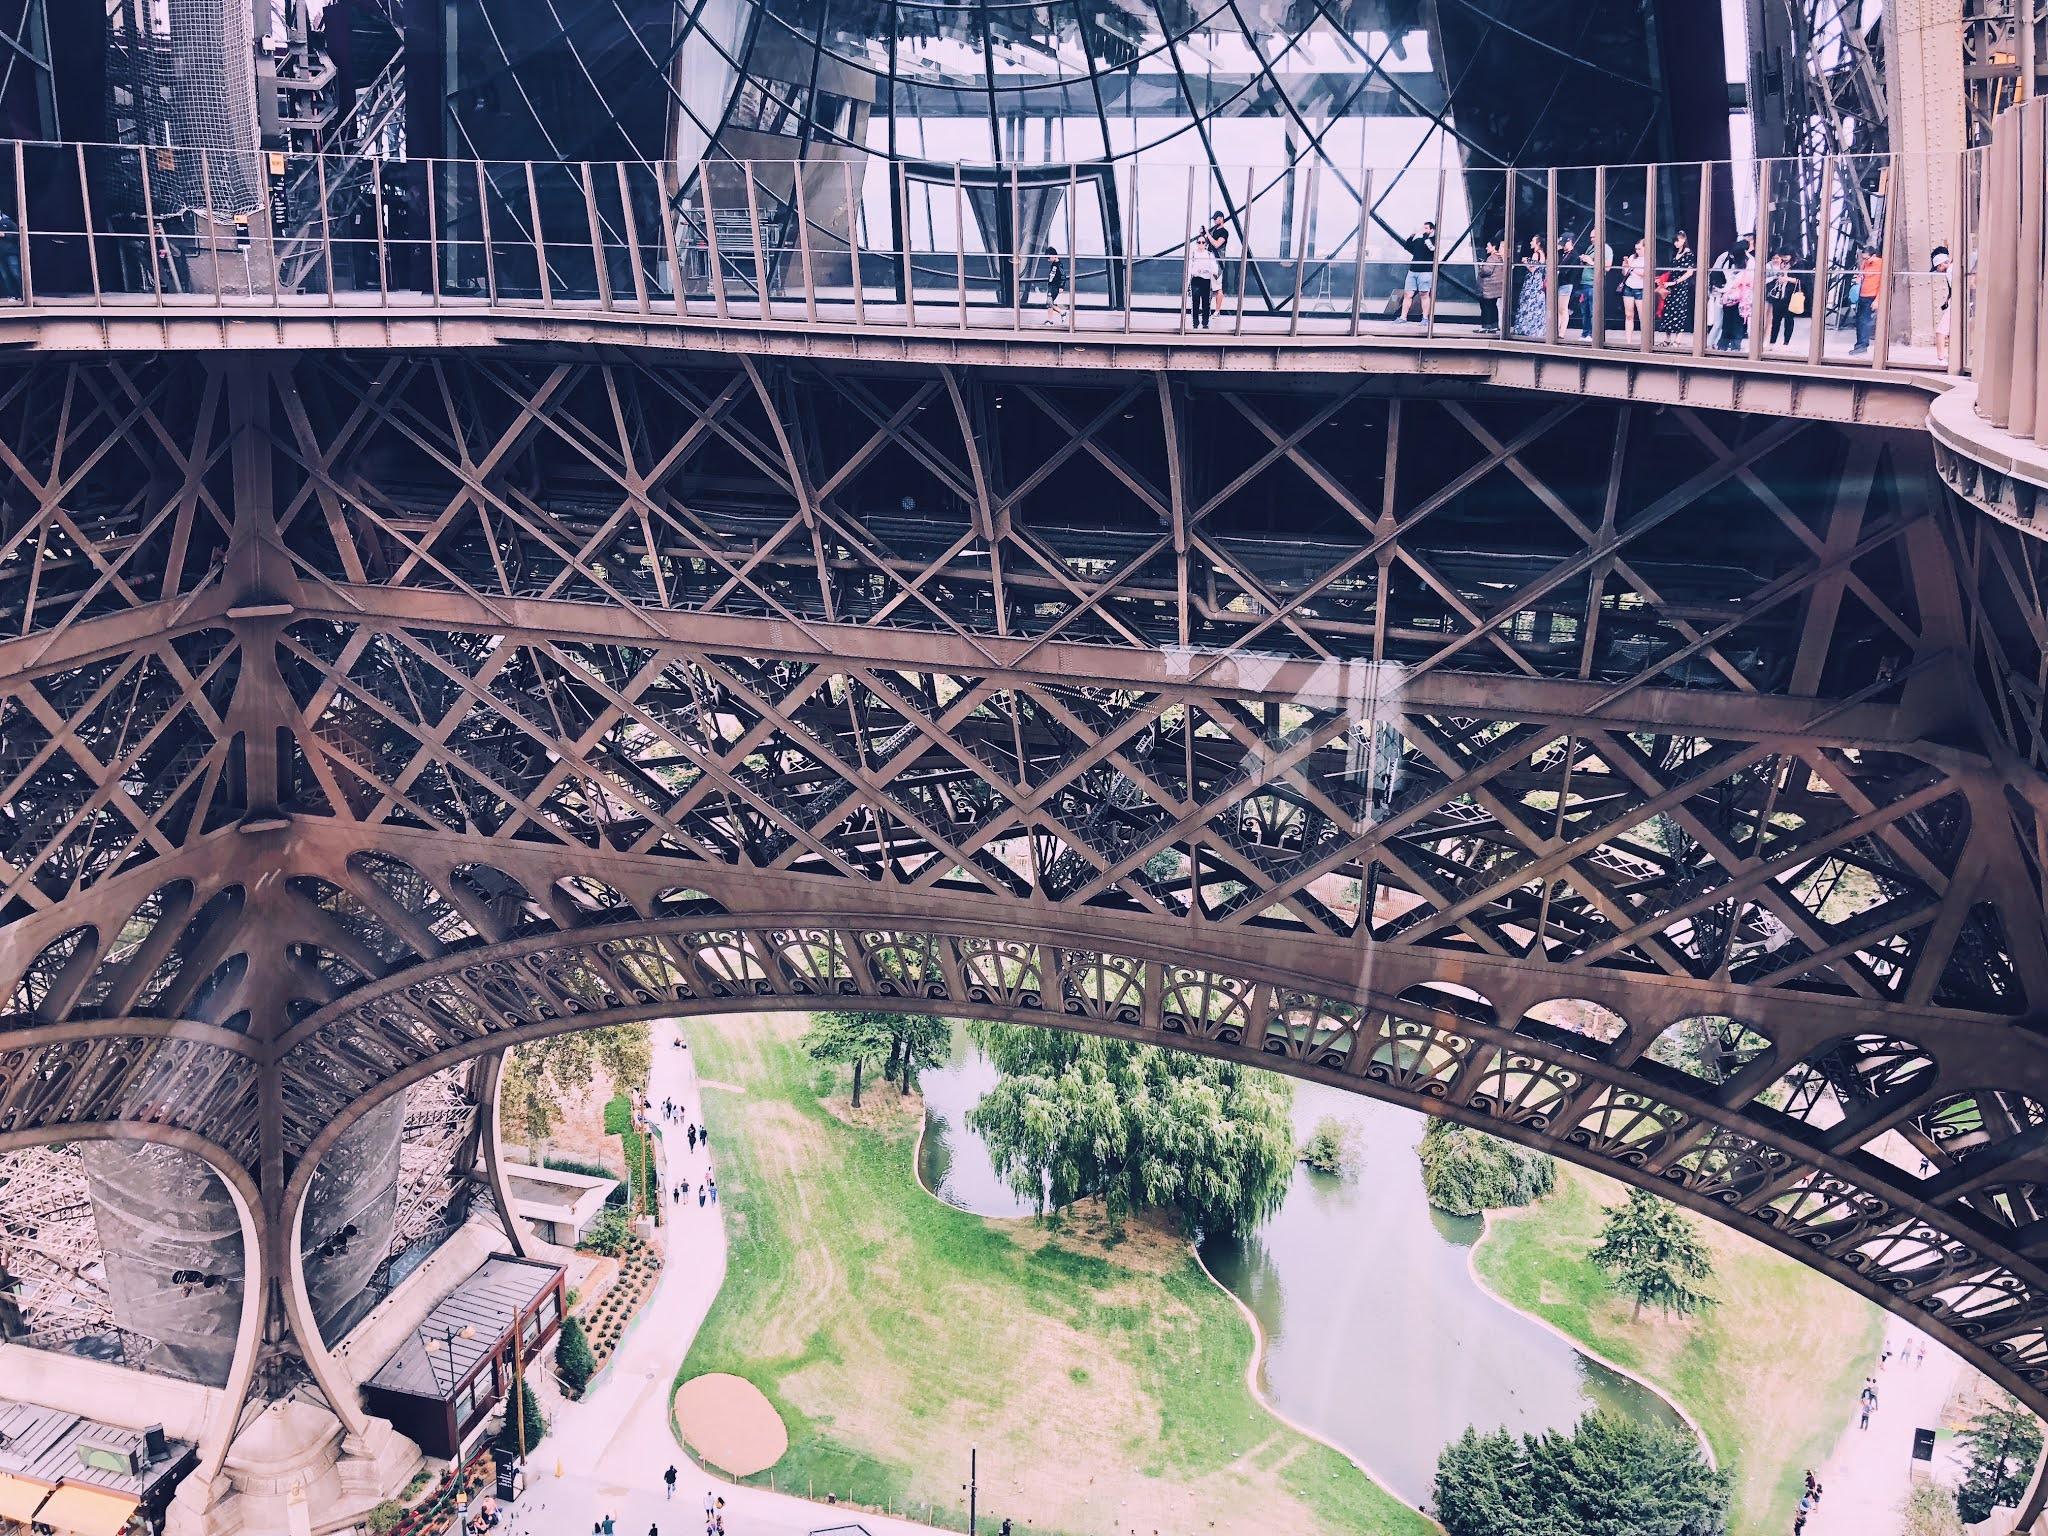 Foto gemaakt van op de Eiffeltoren met zicht op wat er zich onder de Eiffeltoren afspeelt.